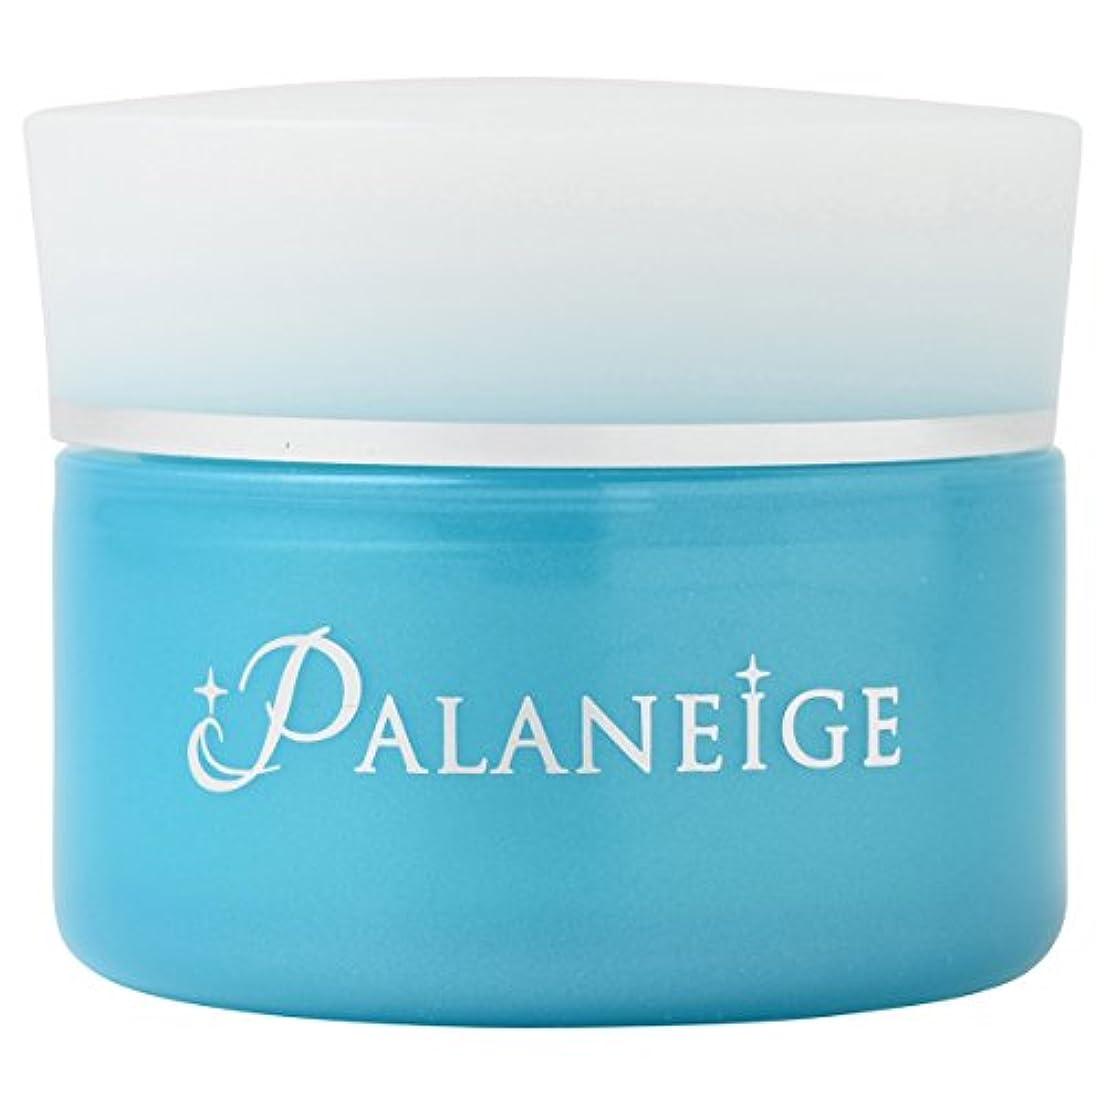 崇拝する入口無しパラネージュ ( Palaneige ) アルブチンの8倍の美白効果とプラセンタの250倍の美白有効成分があるパラオの白泥を利用した クレイパック